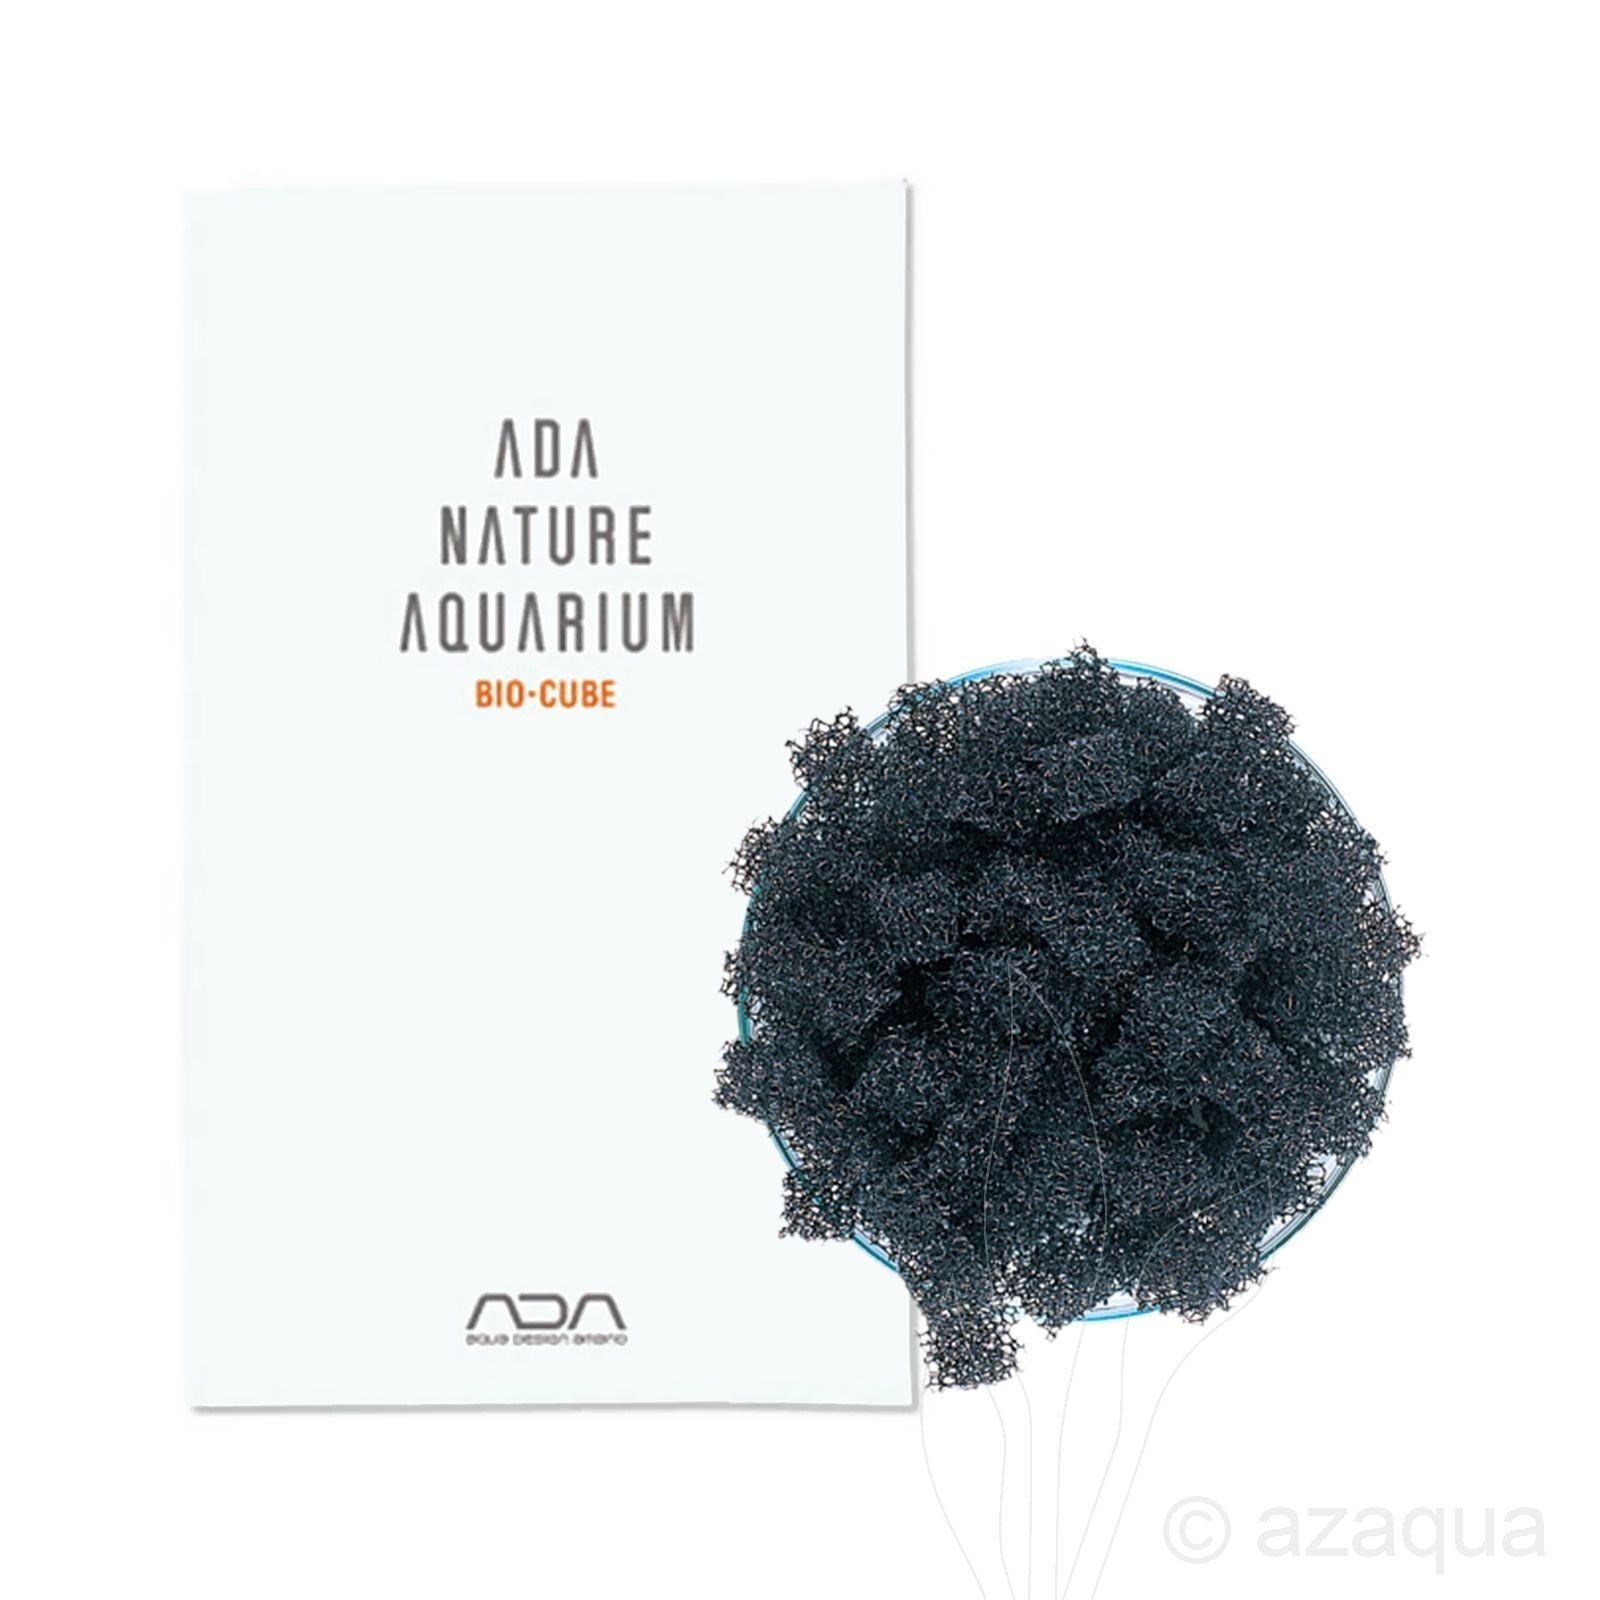 ADA Bio Cube - biologisch filtermateriaal voor het aquarium